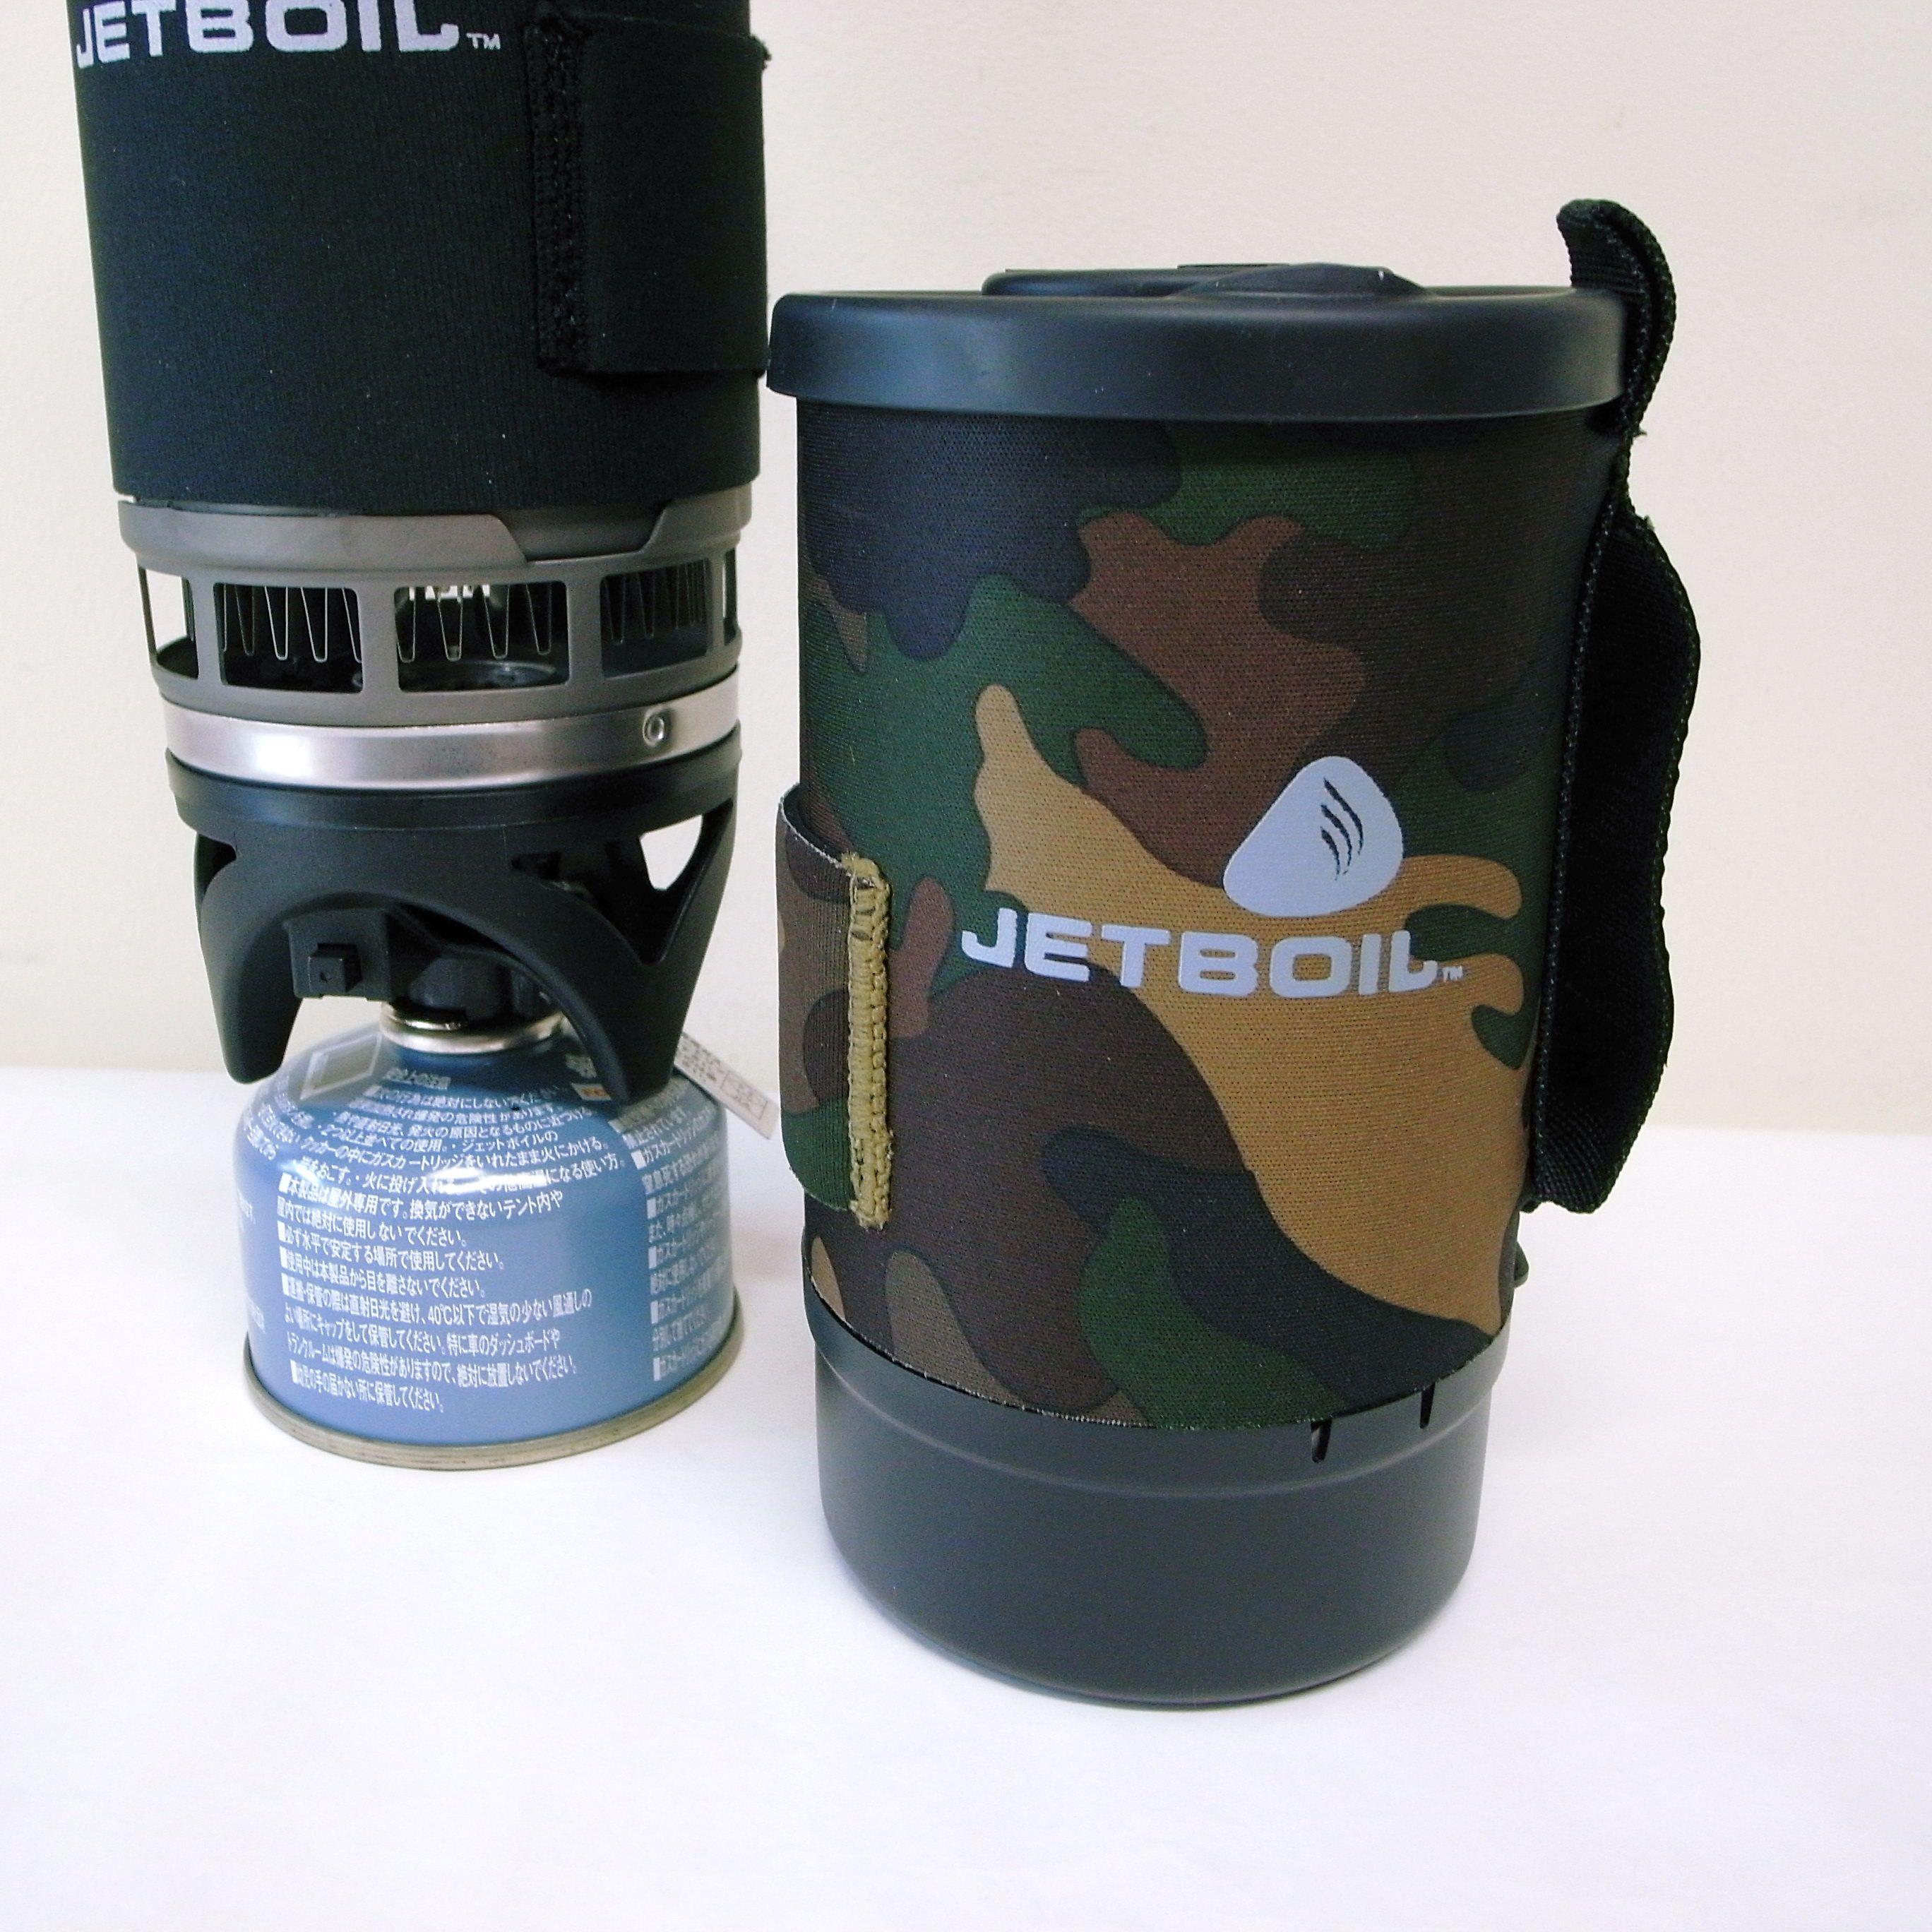 JETBOIL PCS/CAMO